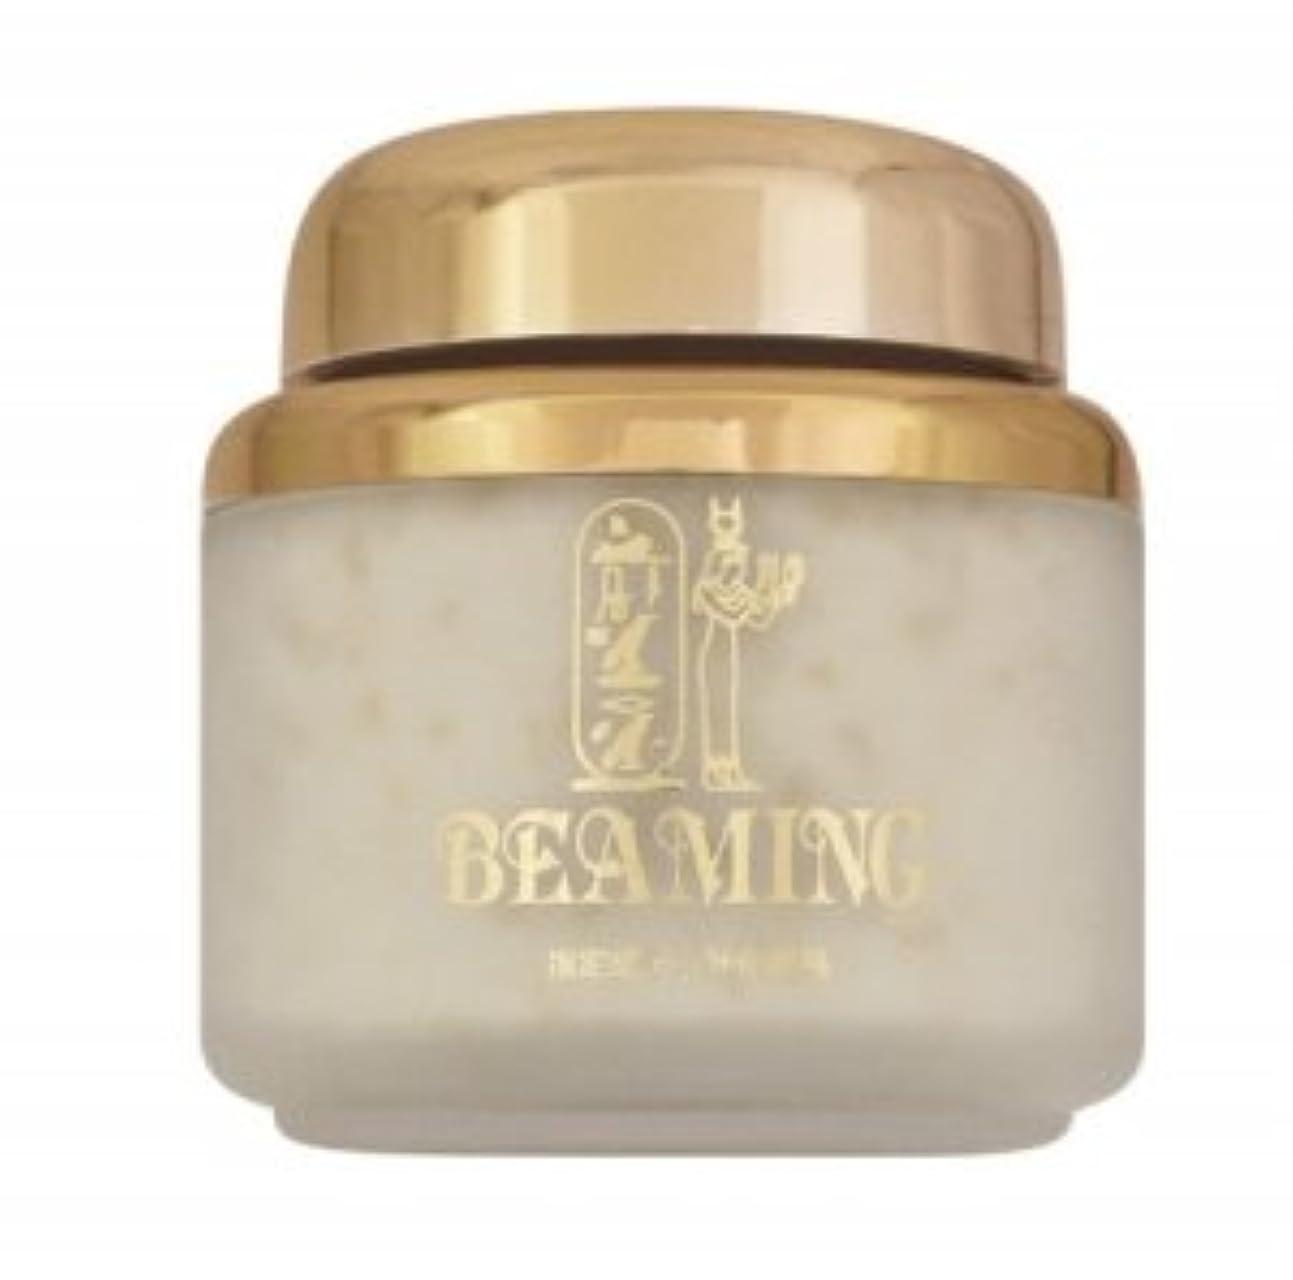 ずっとトランペット白いビーミングシリーズ 100% 無添加 美容界の奇跡 超高級 純金箔 錆びない肌 究極の スキンケアセット クレオパトラ の 基礎化粧品 クレンジング 洗顔 日本製 (ビーミングゴールドウォッシング)